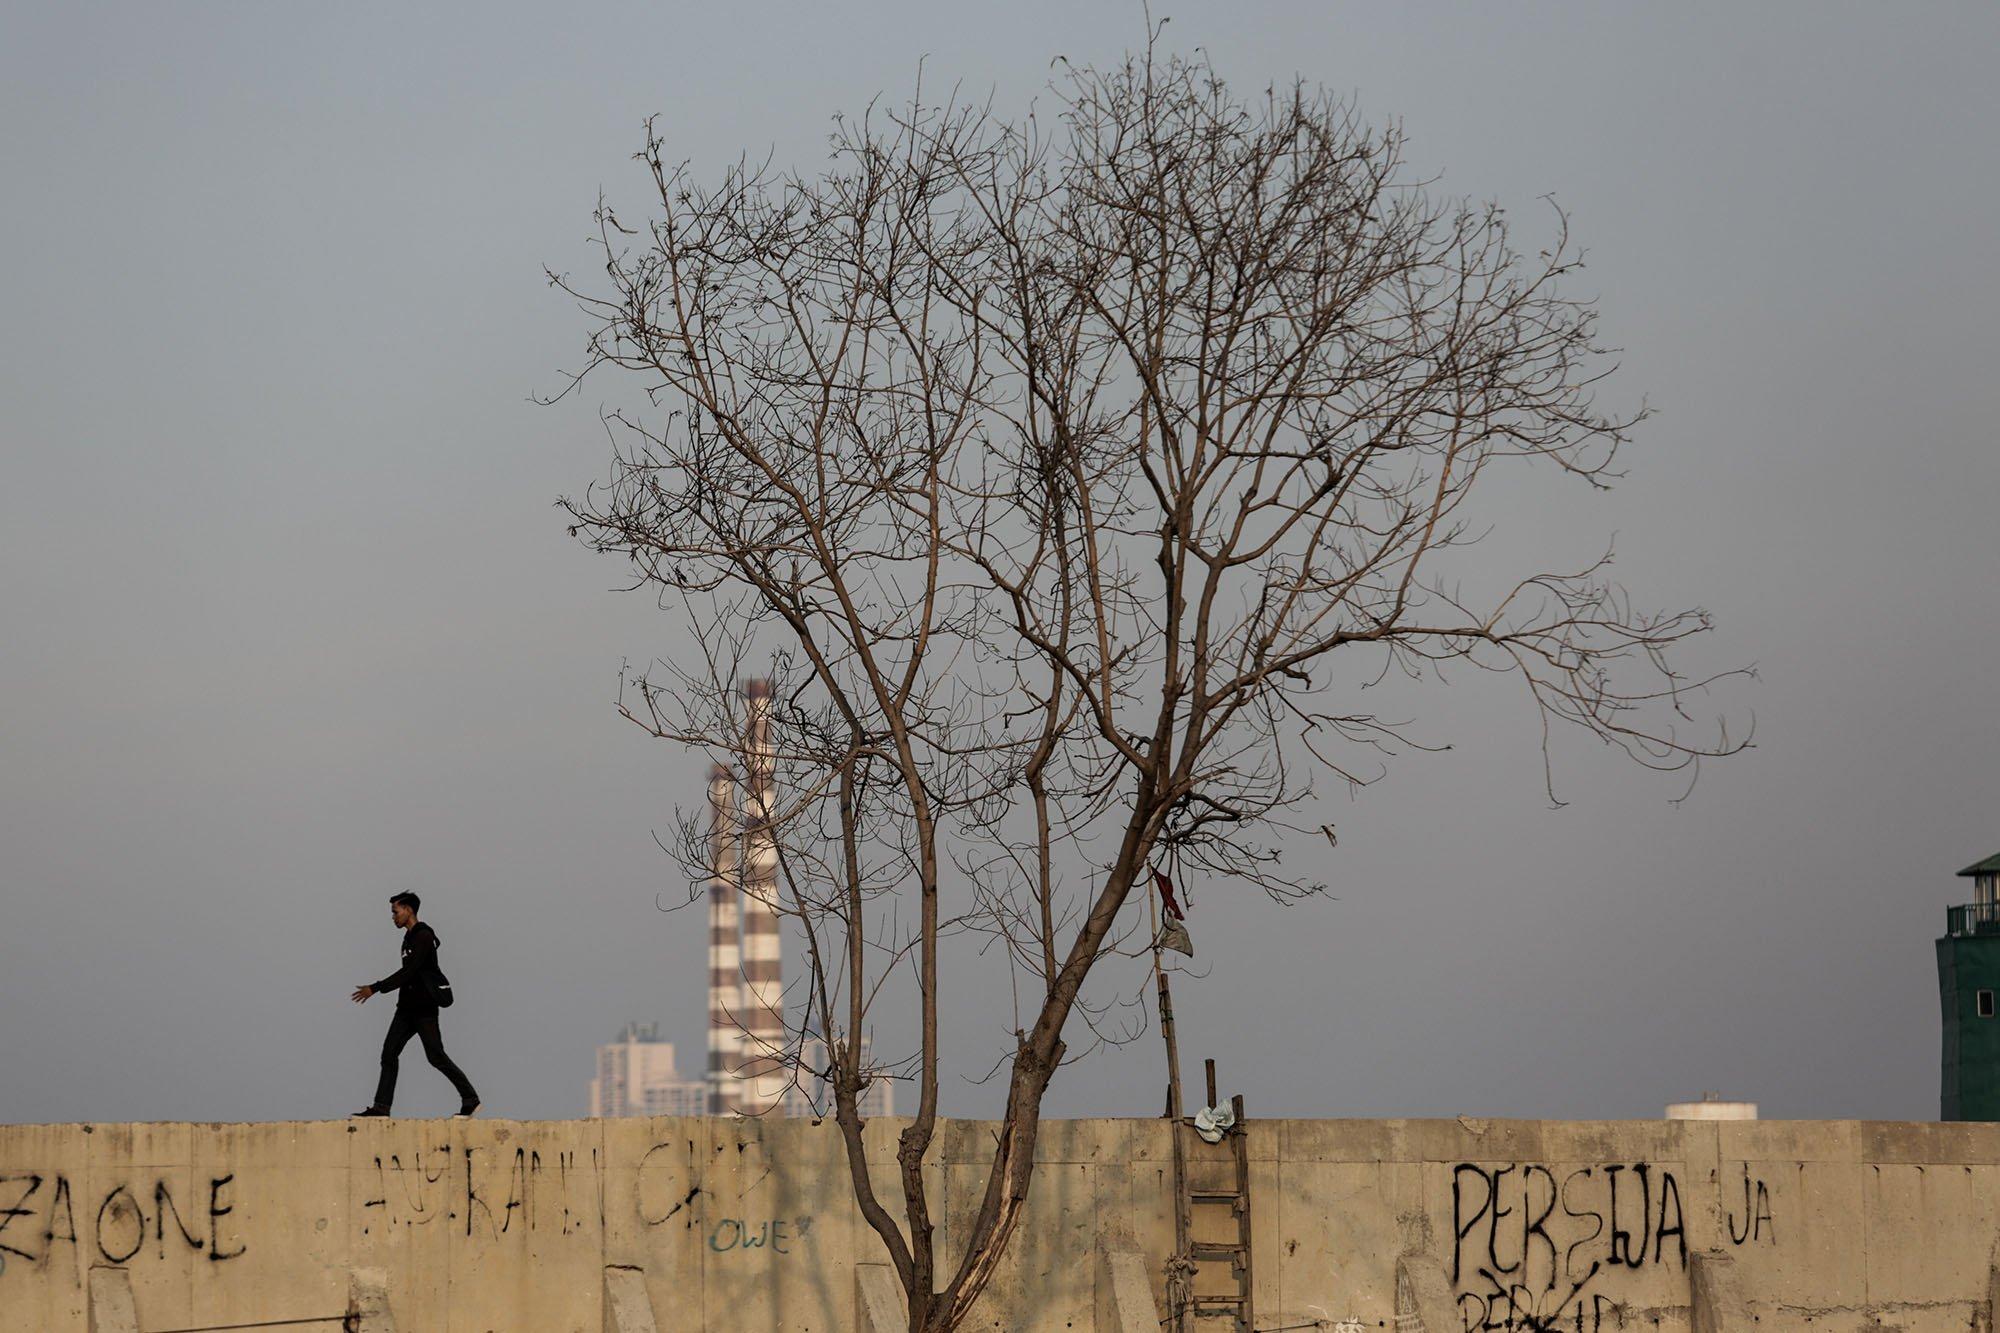 Seorang pria melintas di atas tanggul Pelindo II, Kampung Muara Baru, Penjaringan, Jakarta Utara, (11/9).